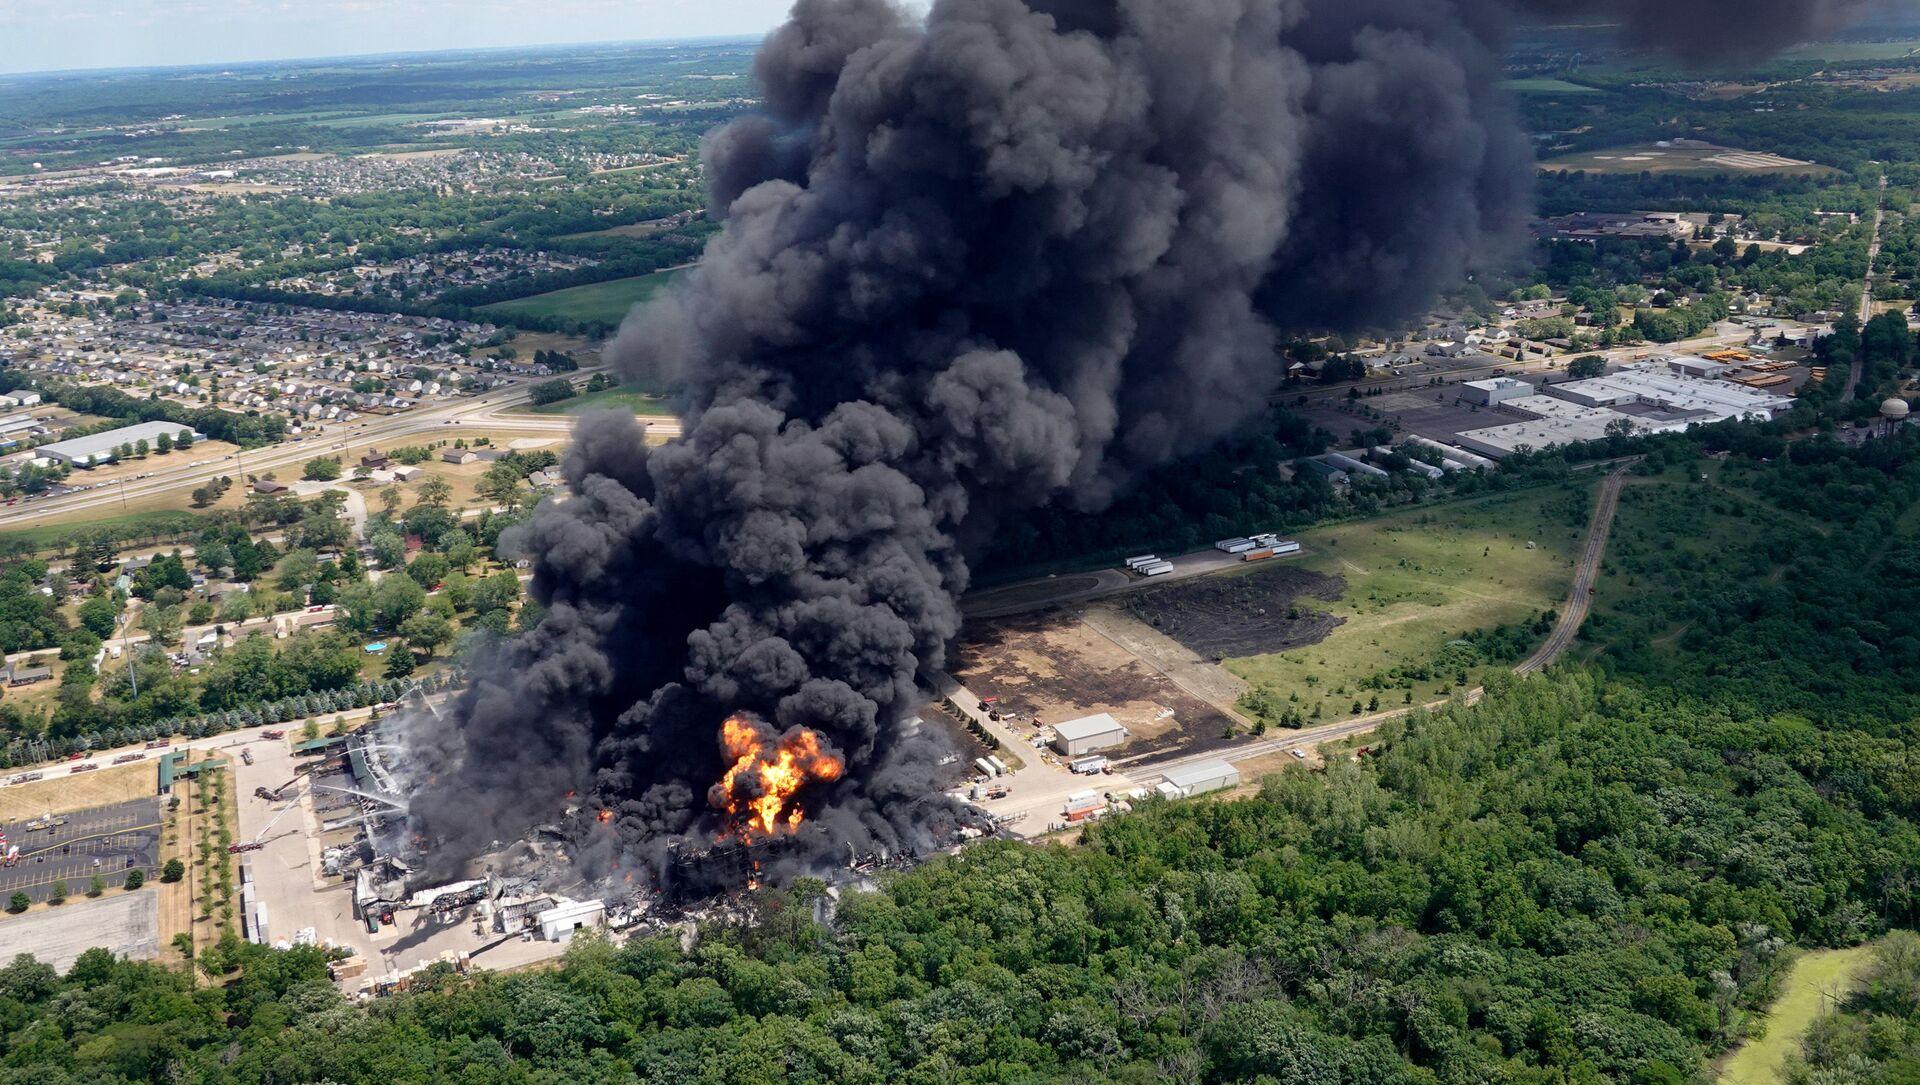 Pożar w zakładach chemicznych Chemtool w Rockton, Illinois - Sputnik Polska, 1920, 15.06.2021